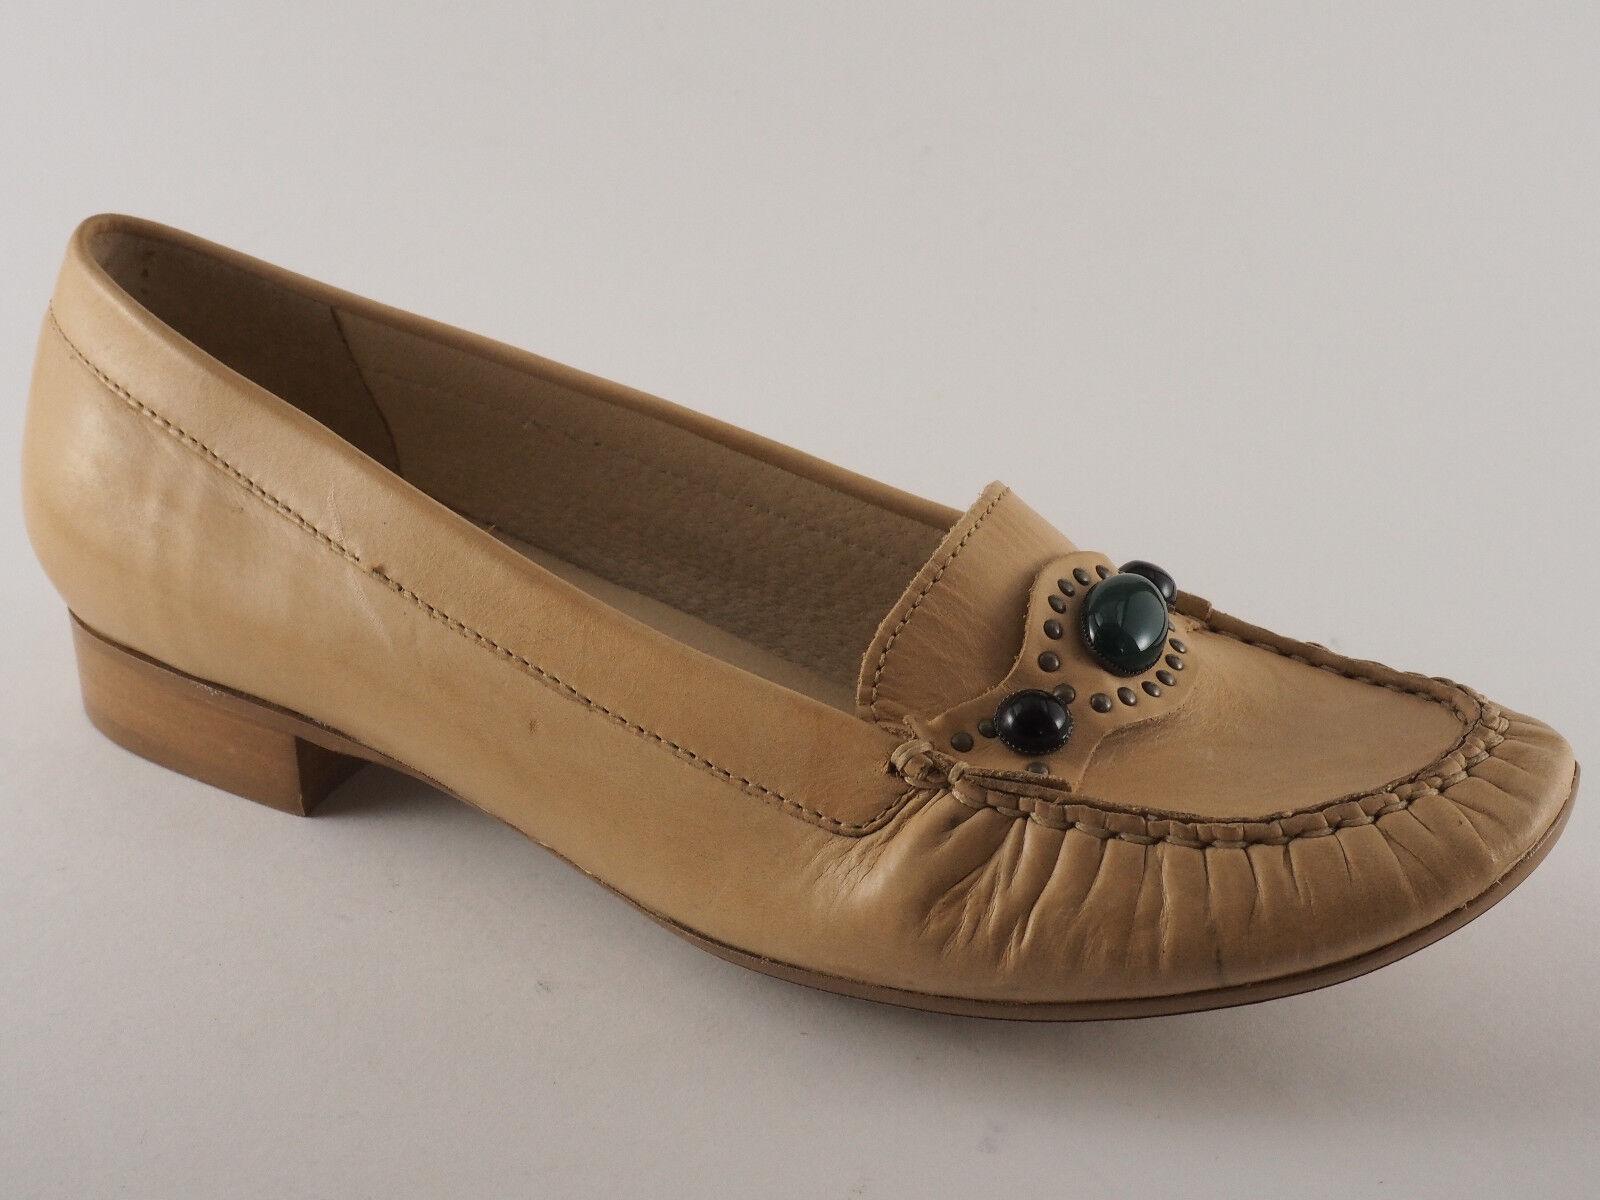 FIRETTI DAMEN BALLERINAS SLIPPER 38 39 39 38 40 41 SAND LEDER  Zapatos  HALB Zapatos  NEU 57a820